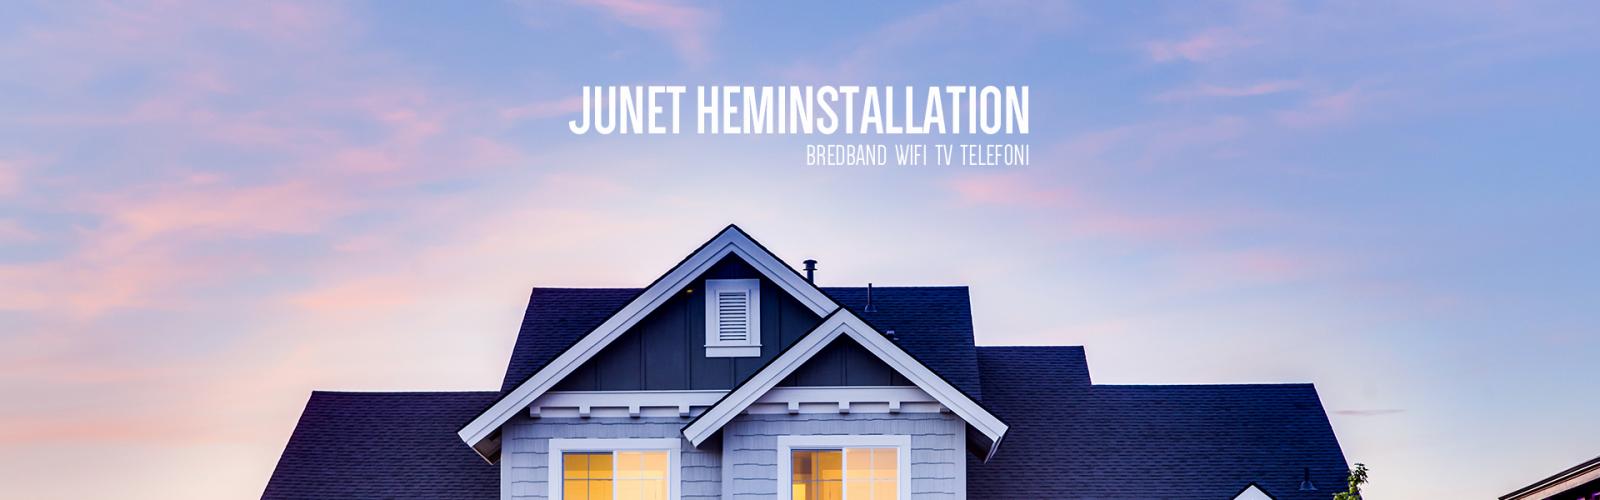 Junet Heminstallation